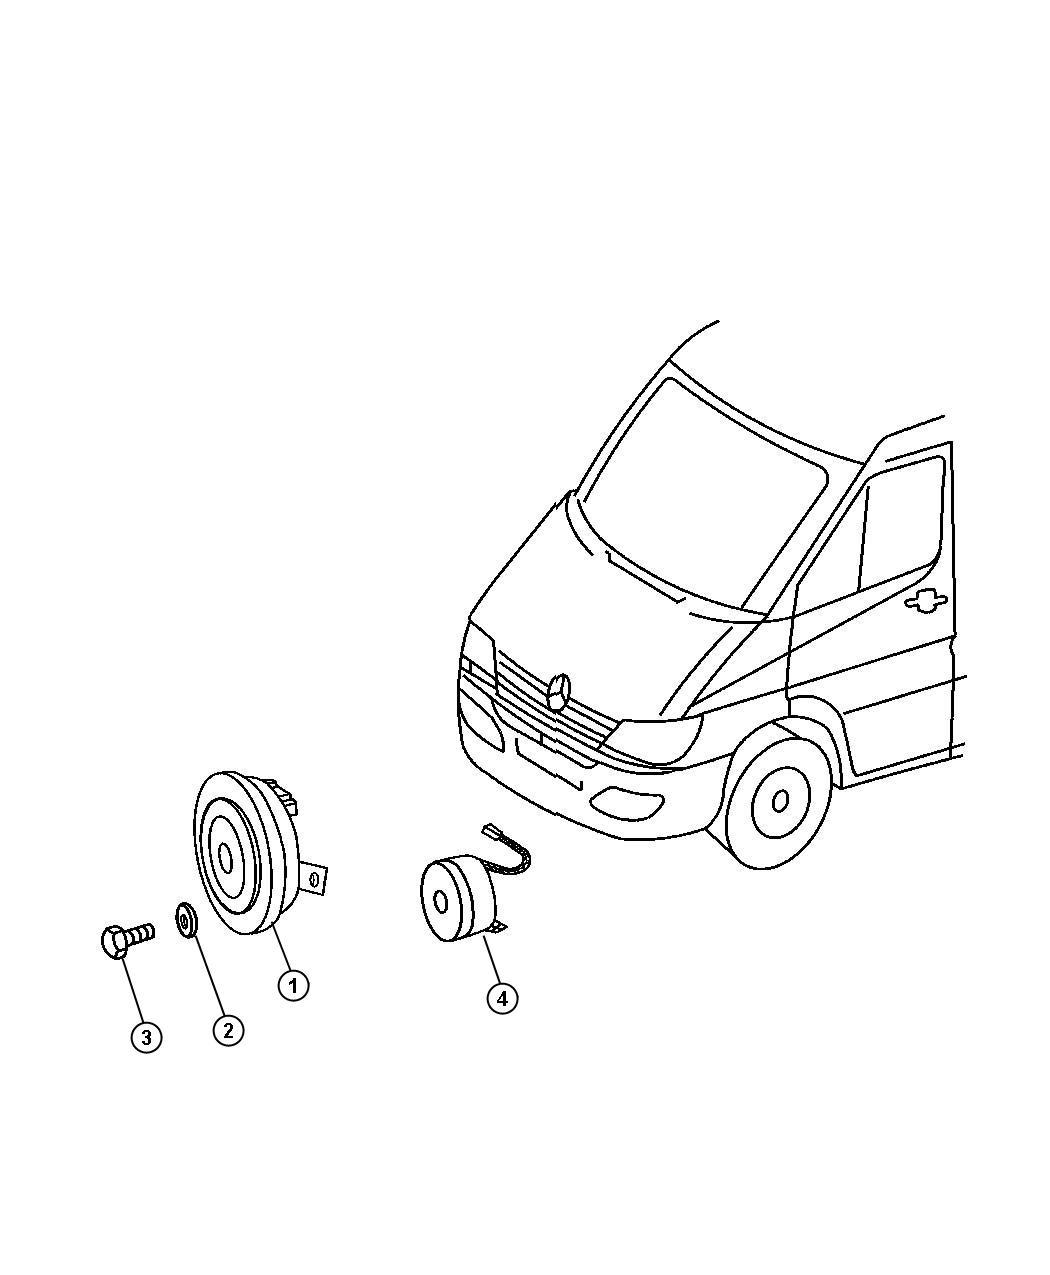 Dodge SPRINTER Alarm. Up to 11/26/03 back up warning